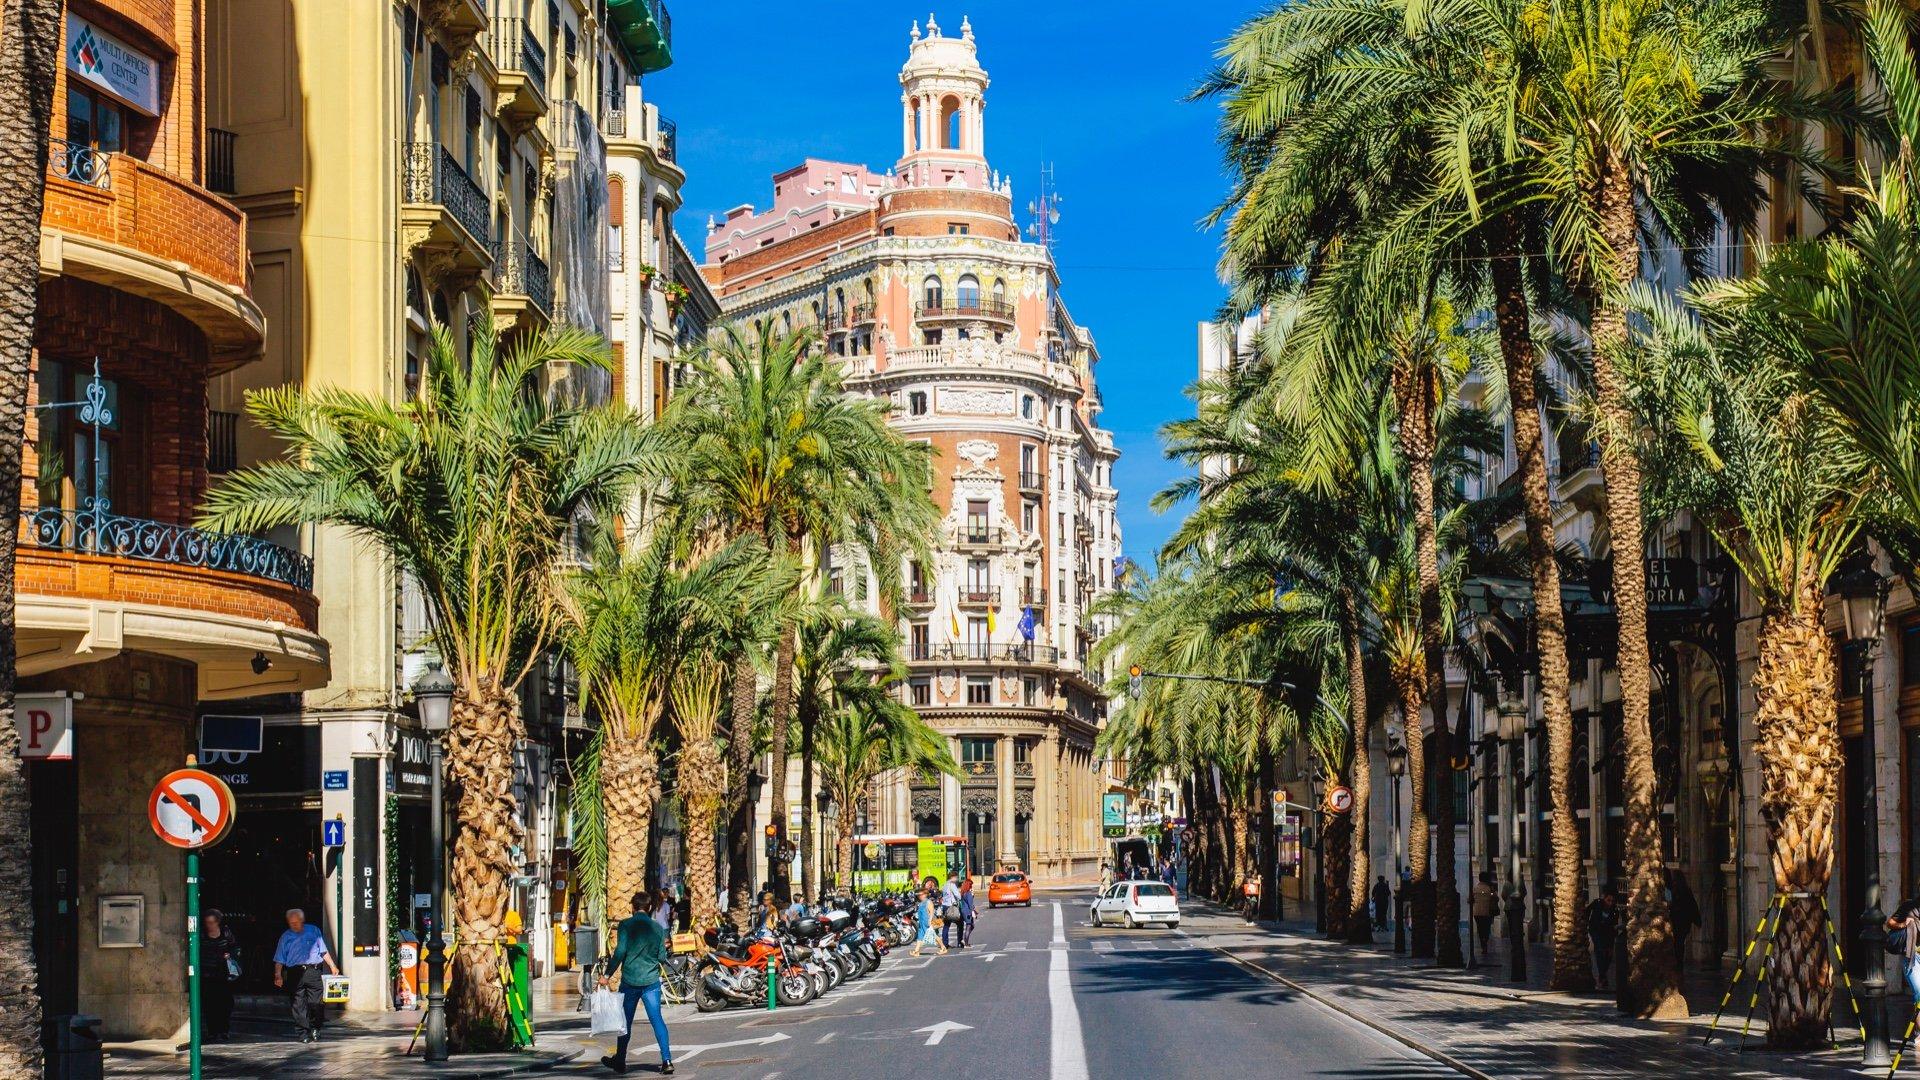 Vamos a Valencia: de leukste plekken om te bezoeken volgens &C - &C